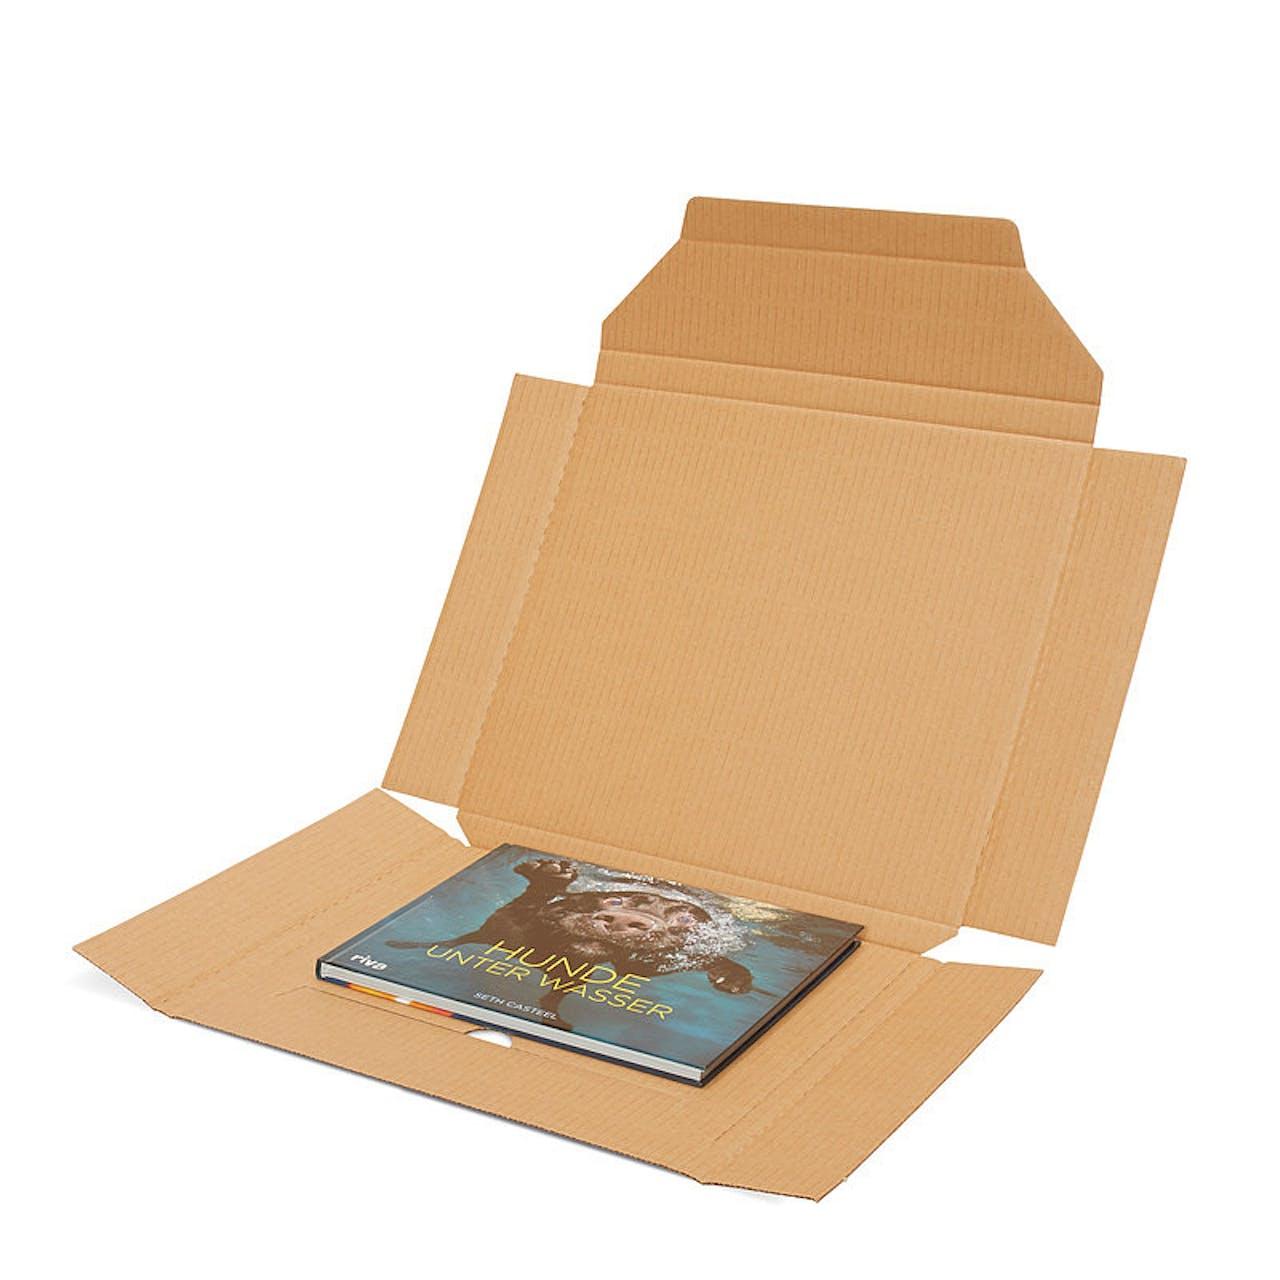 Flachformat-Verpackung, weiß, 303 x 217 x 10 mm, DIN A4, mit Verschlusslasche